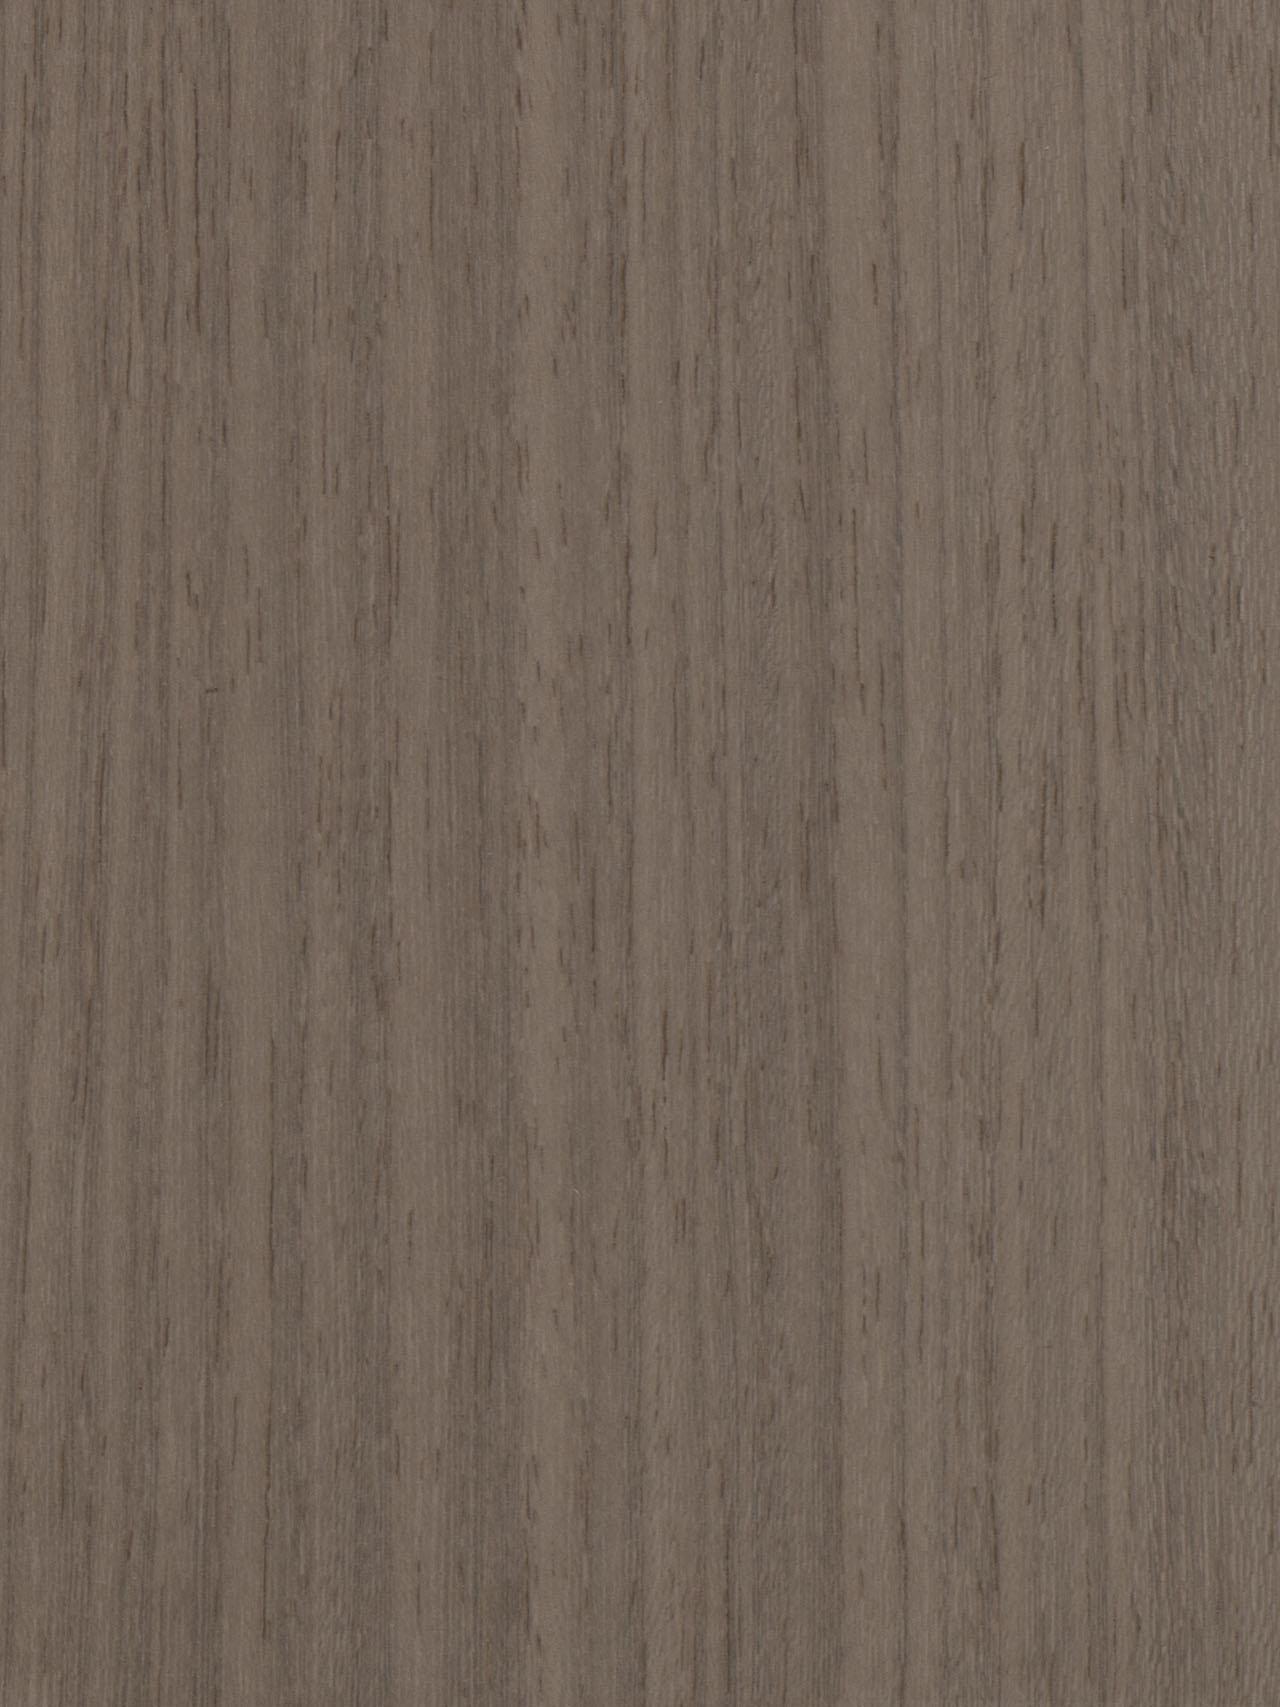 Chapa de madera Koto Avellana MBF112 Losán